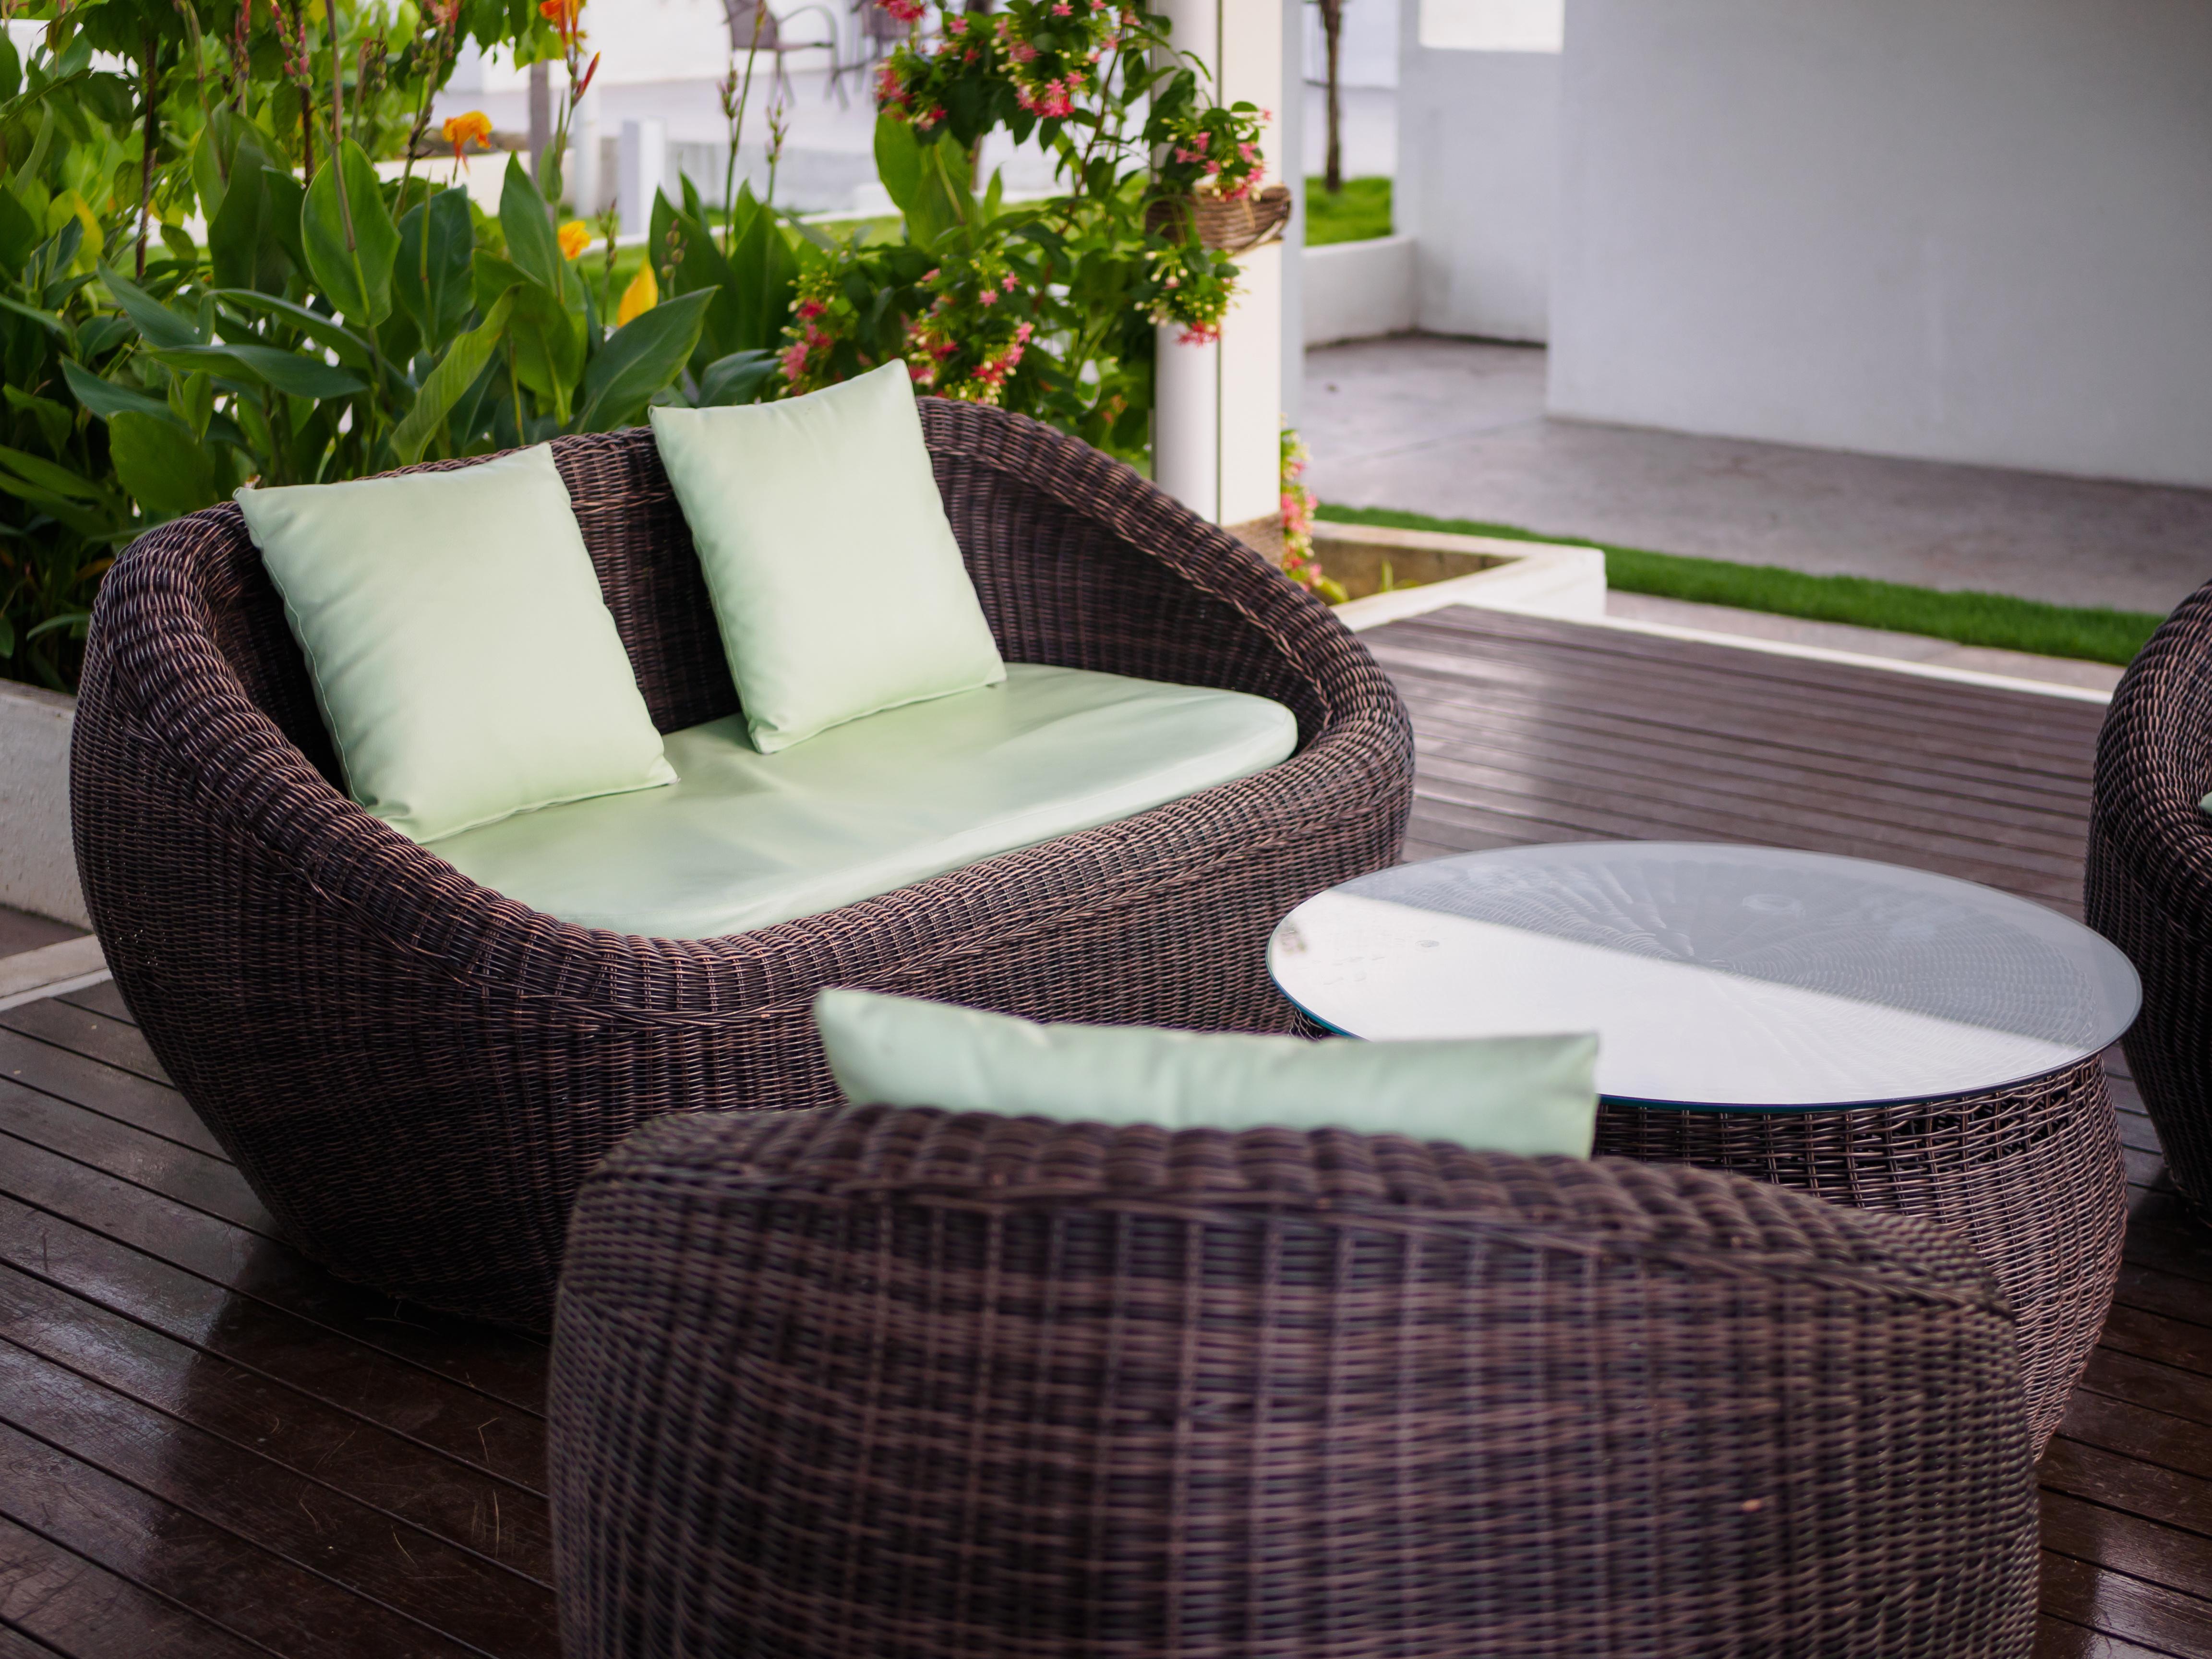 Glendale Outdoor Furniture Exhibiting Great Comfort U2013 Outdoor Furniture  Design